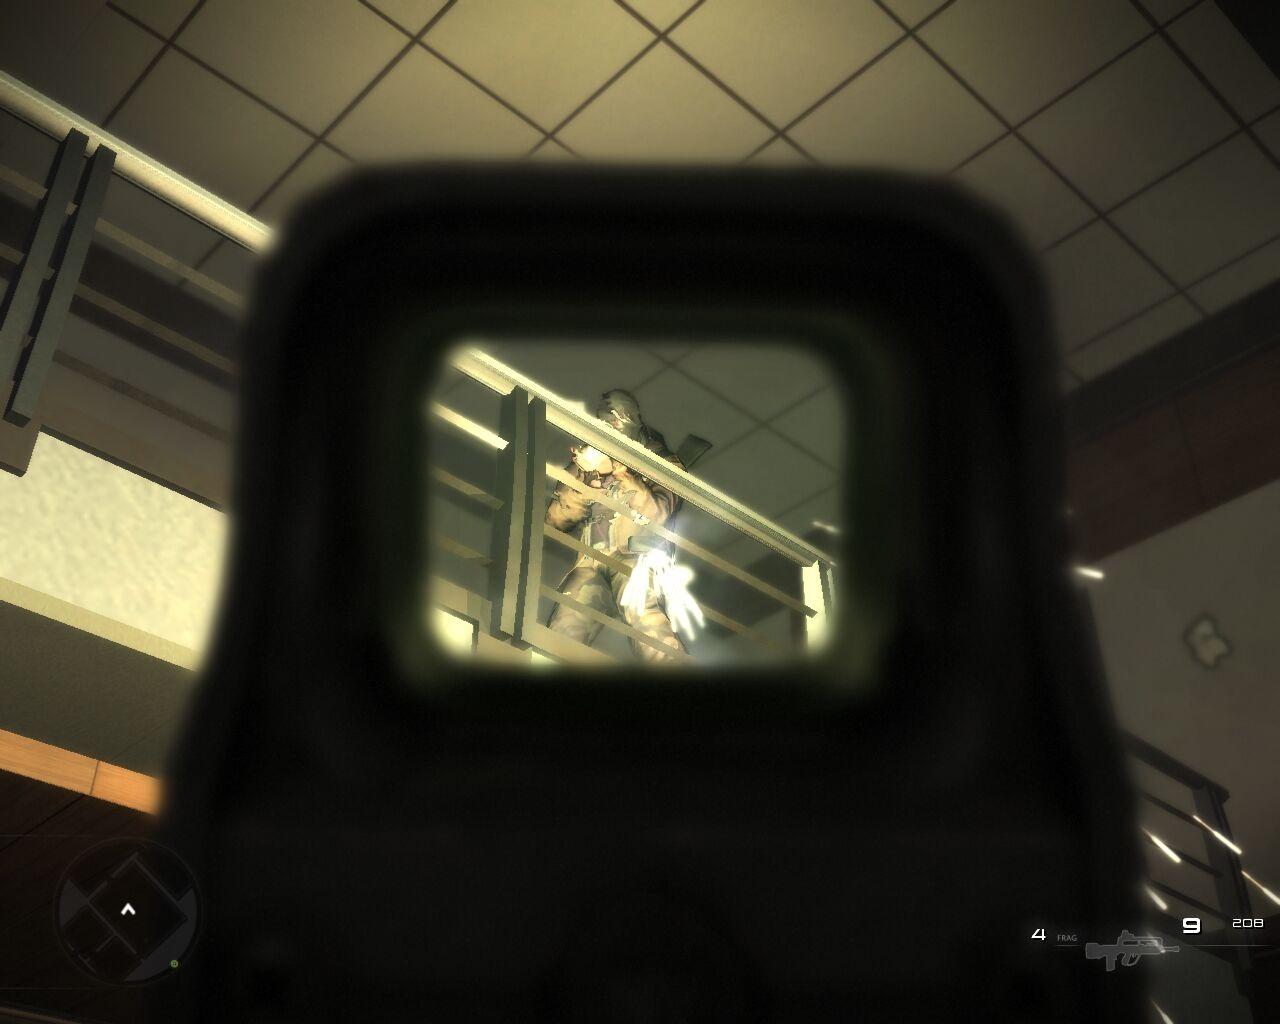 حصريا..نسخة فل ريب للعبة الاكشن الممتعة Code Of Honor 3 Desperate Measures بمساحة 2 جيجا على اكثر من سيرفر Code-d-honneur-3-mesures-d-urgence-pc-020